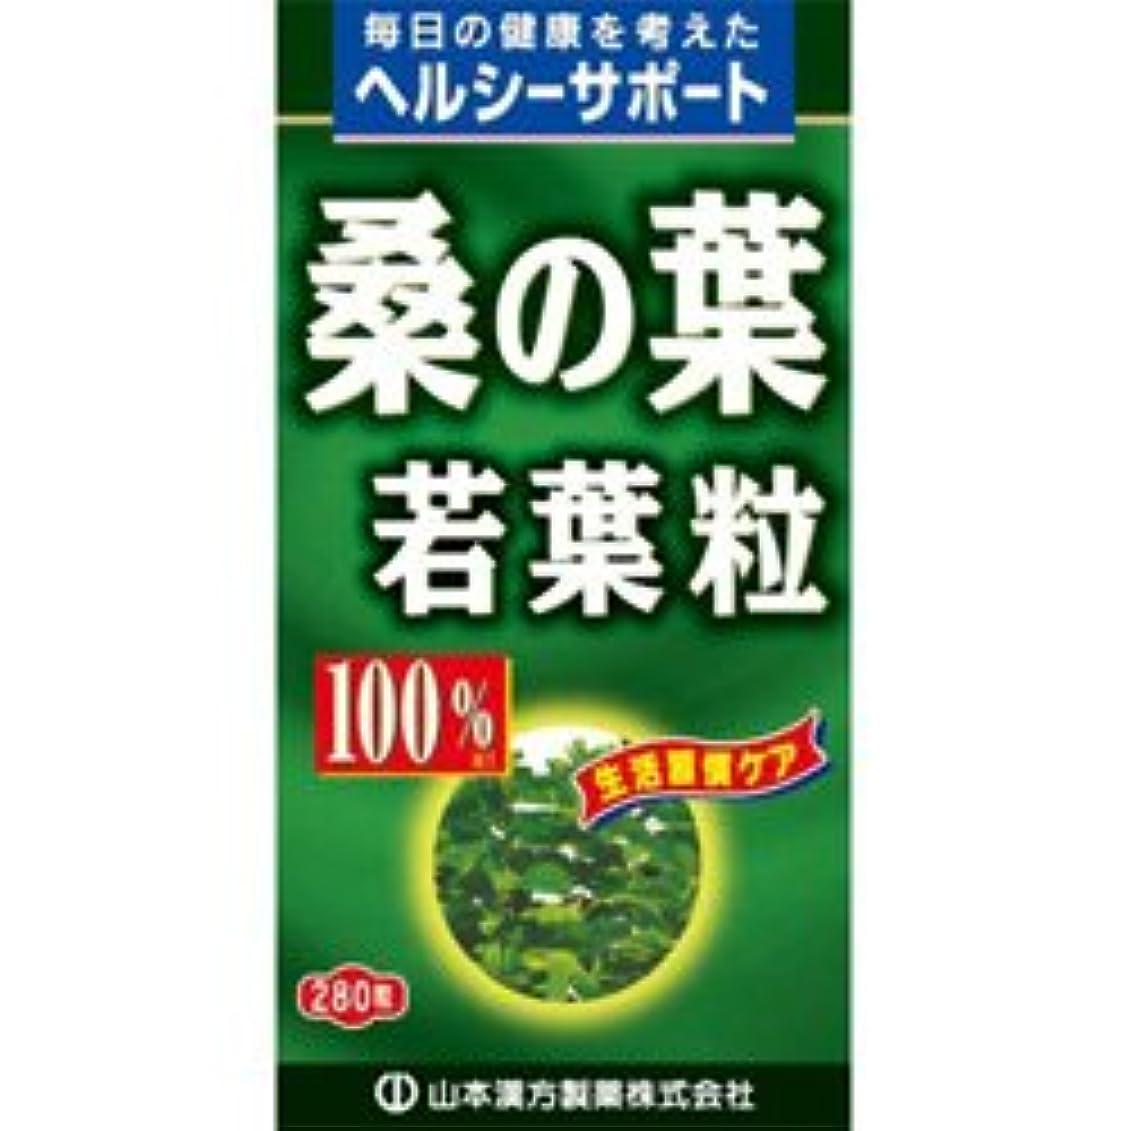 正しいホース負荷【山本漢方製薬】桑の葉粒 100% 280粒 ×10個セット